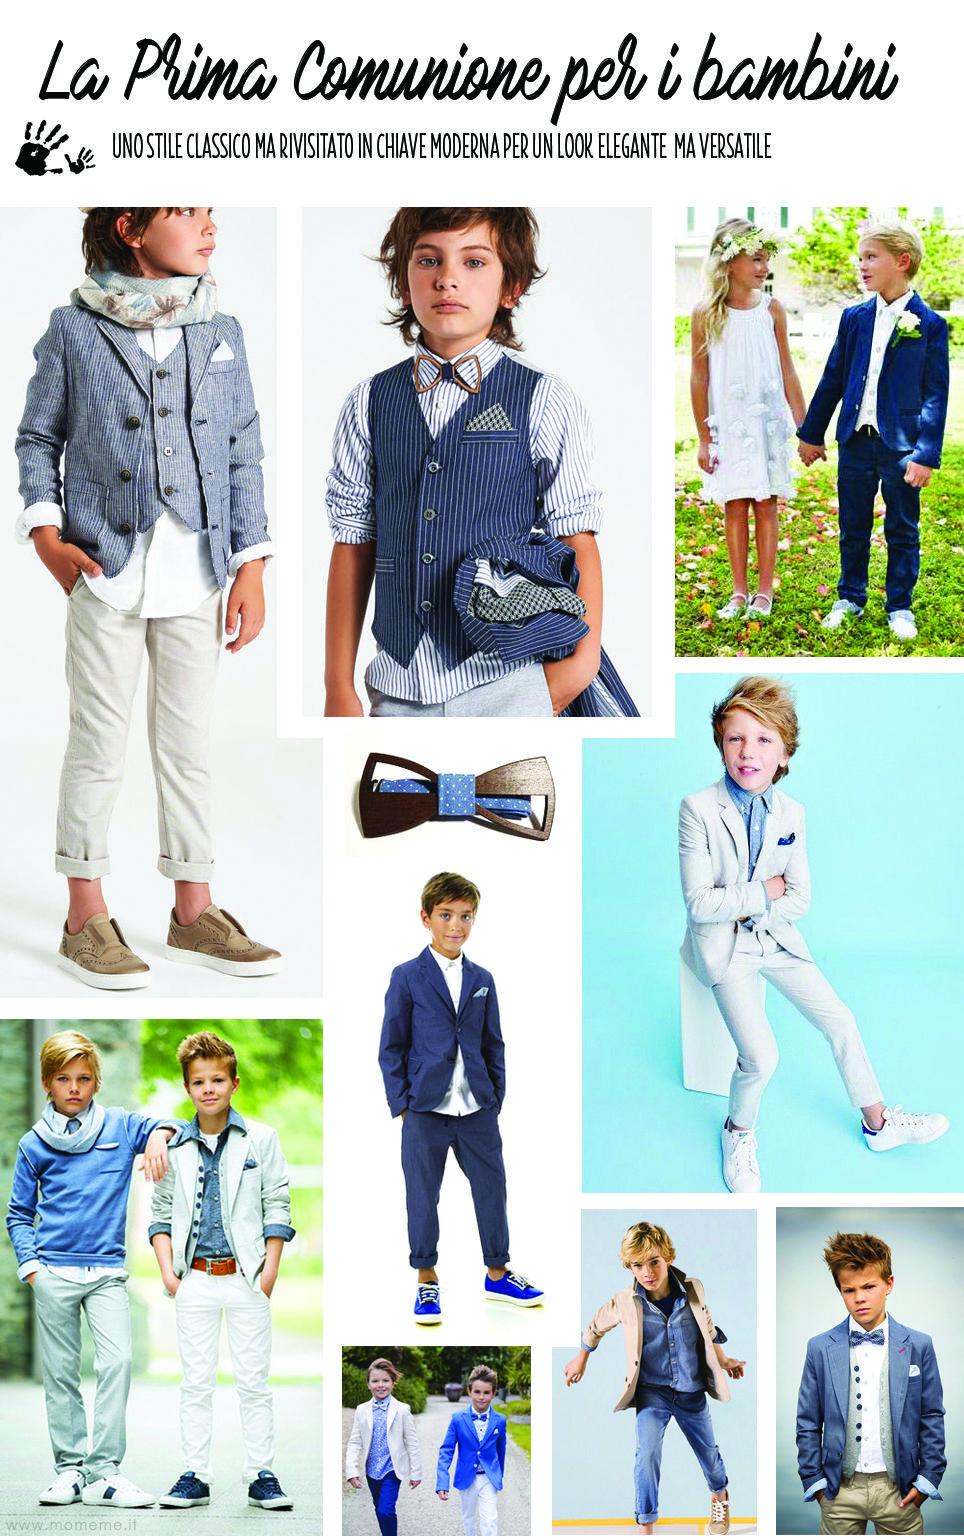 bel design gamma completa di articoli prodotti di qualità La Prima Comunione: scegliere il look perfetto - Mom&me